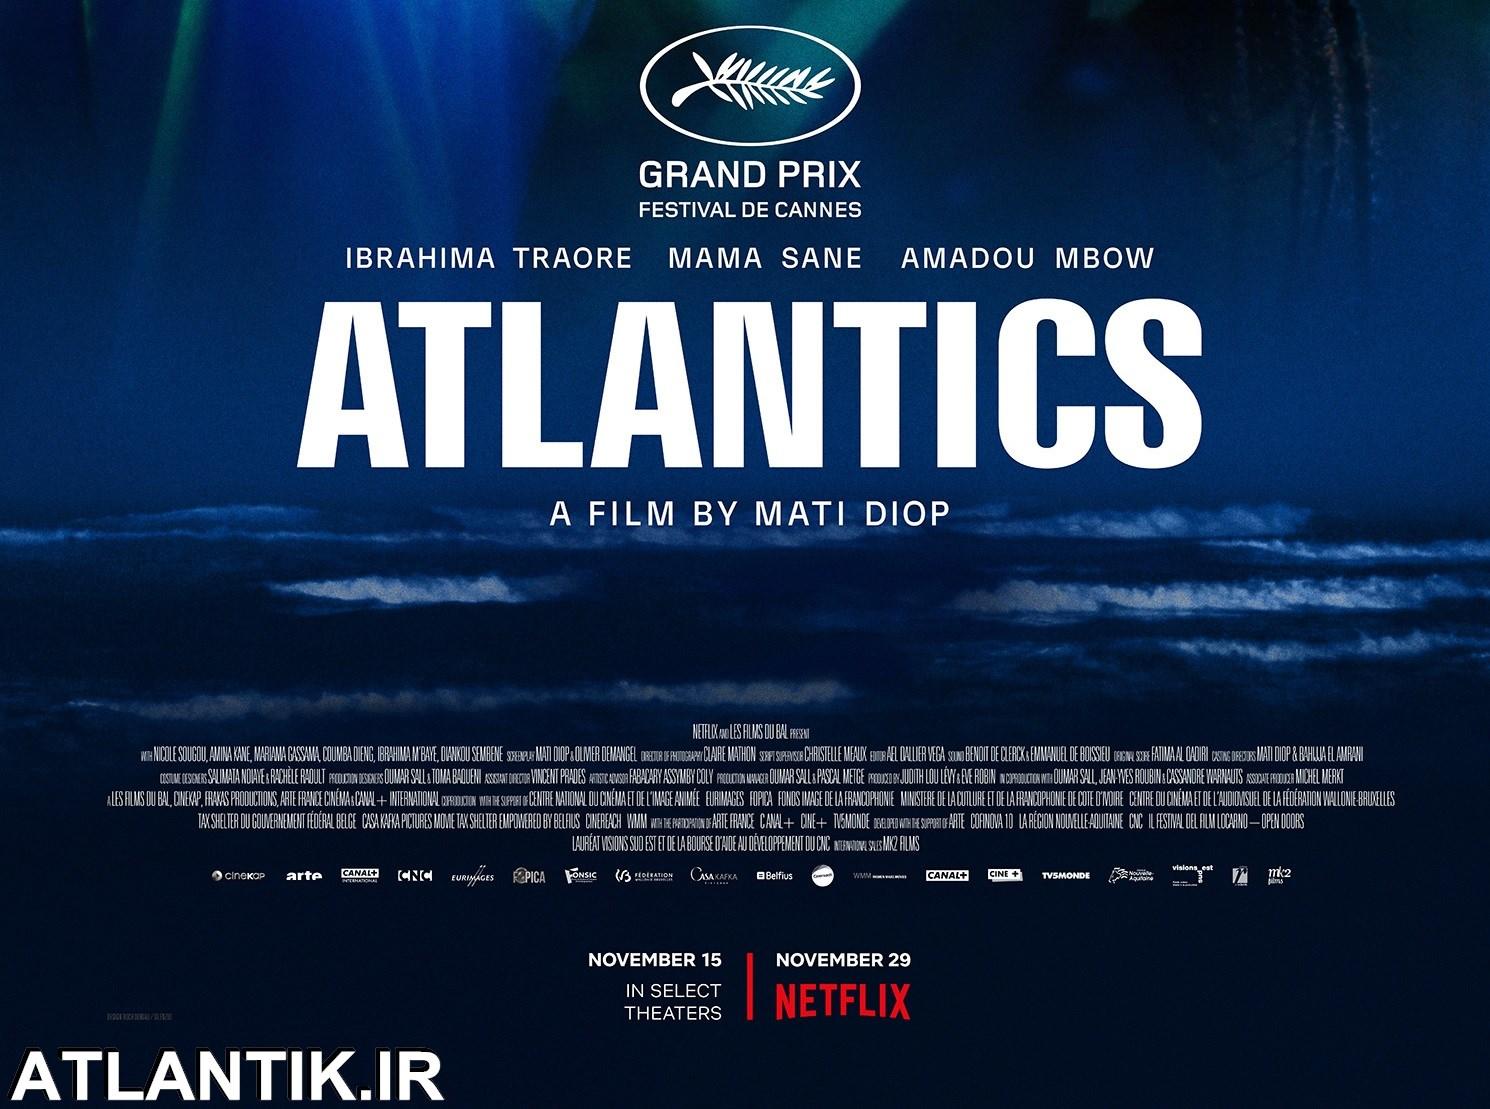 معرفی فیلم آتلانتیک 2019- ATLANTIK.IR